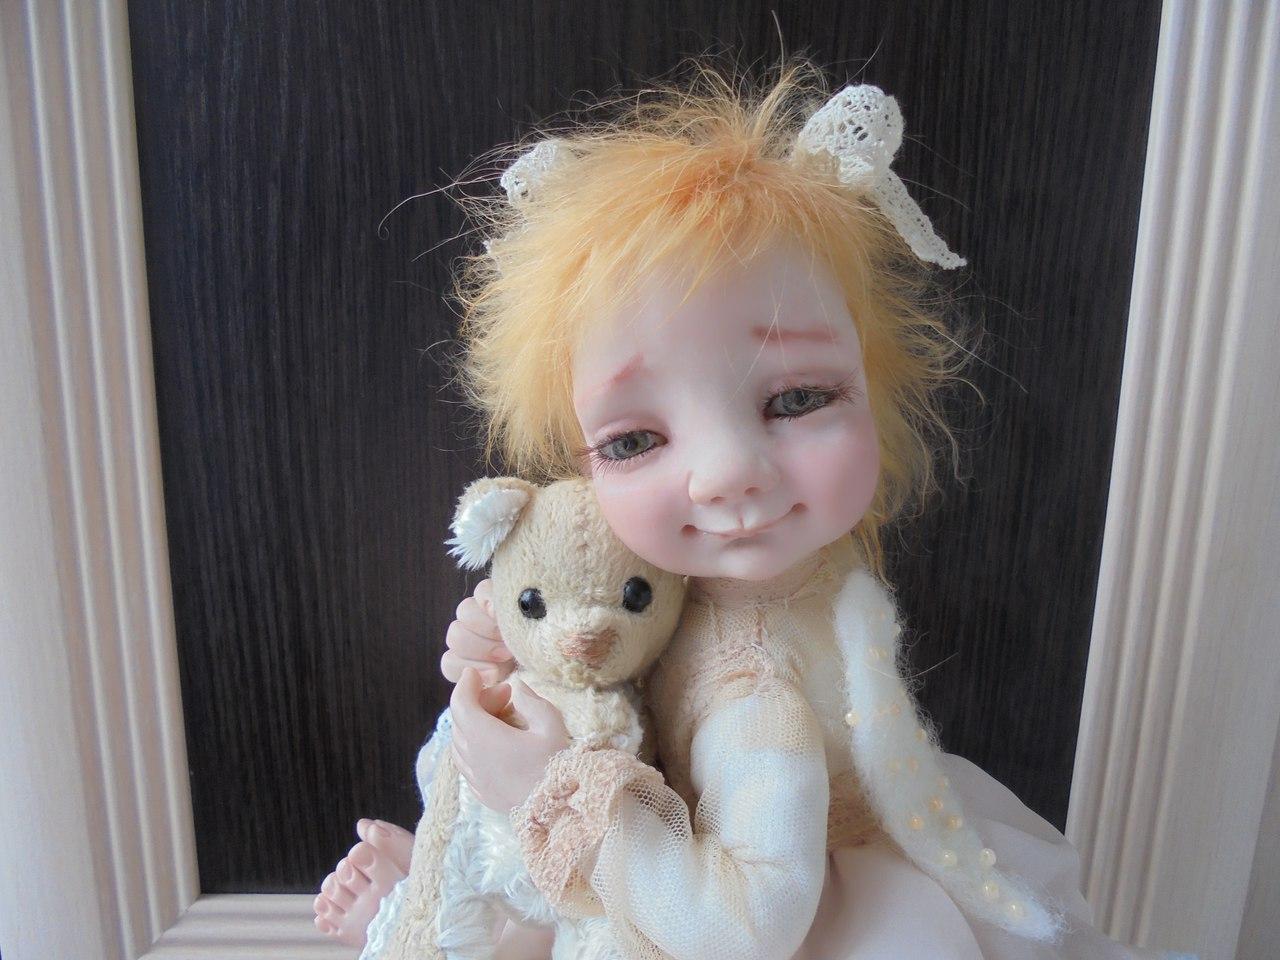 Куклы Ирины Медянцевой, источник фото: https://vk.com/id164508402